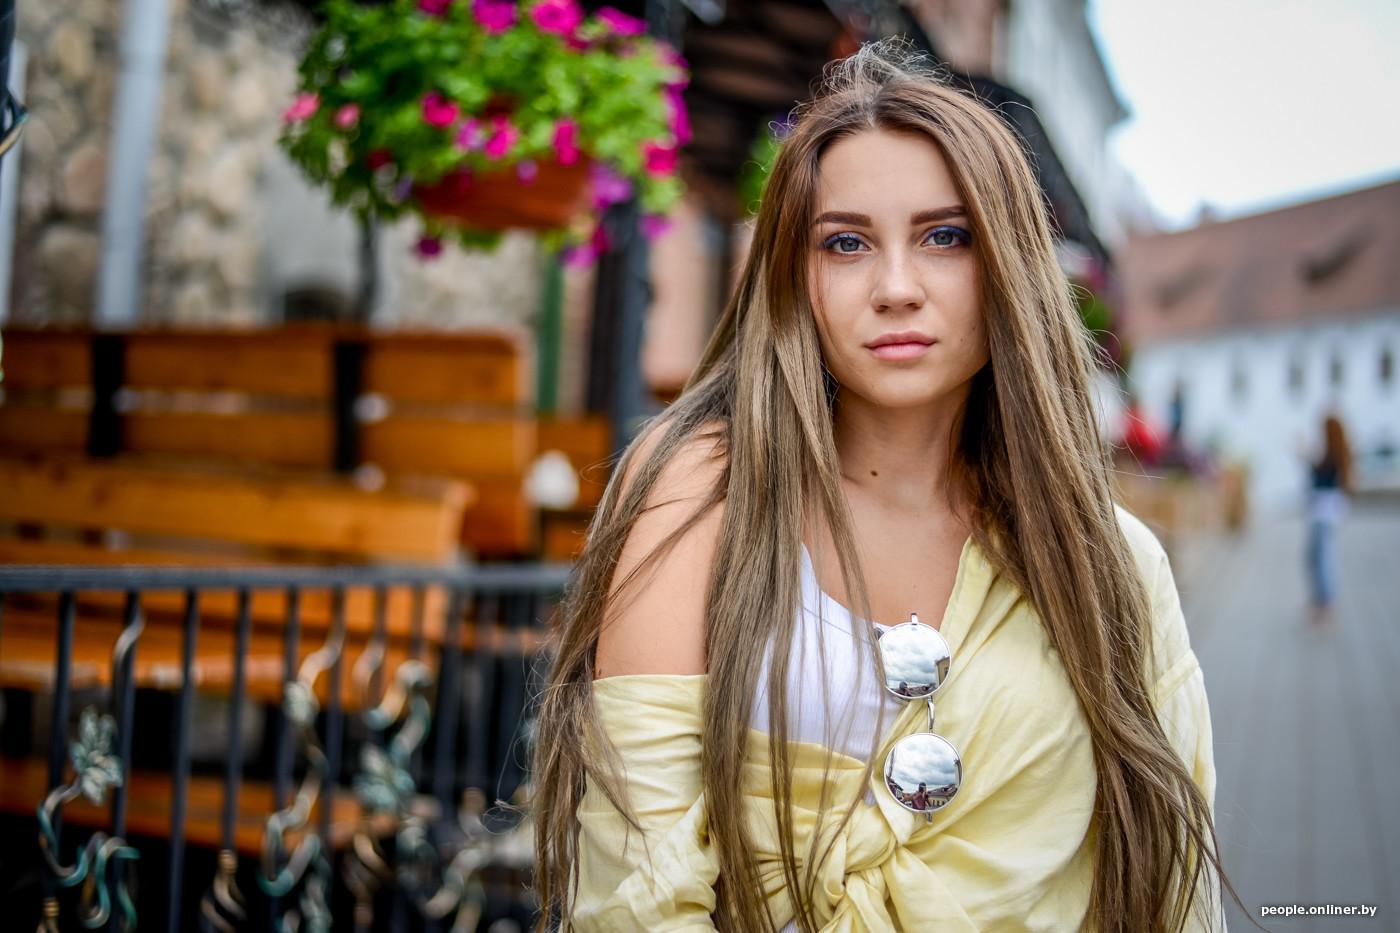 Юная девочка перед камерой попка